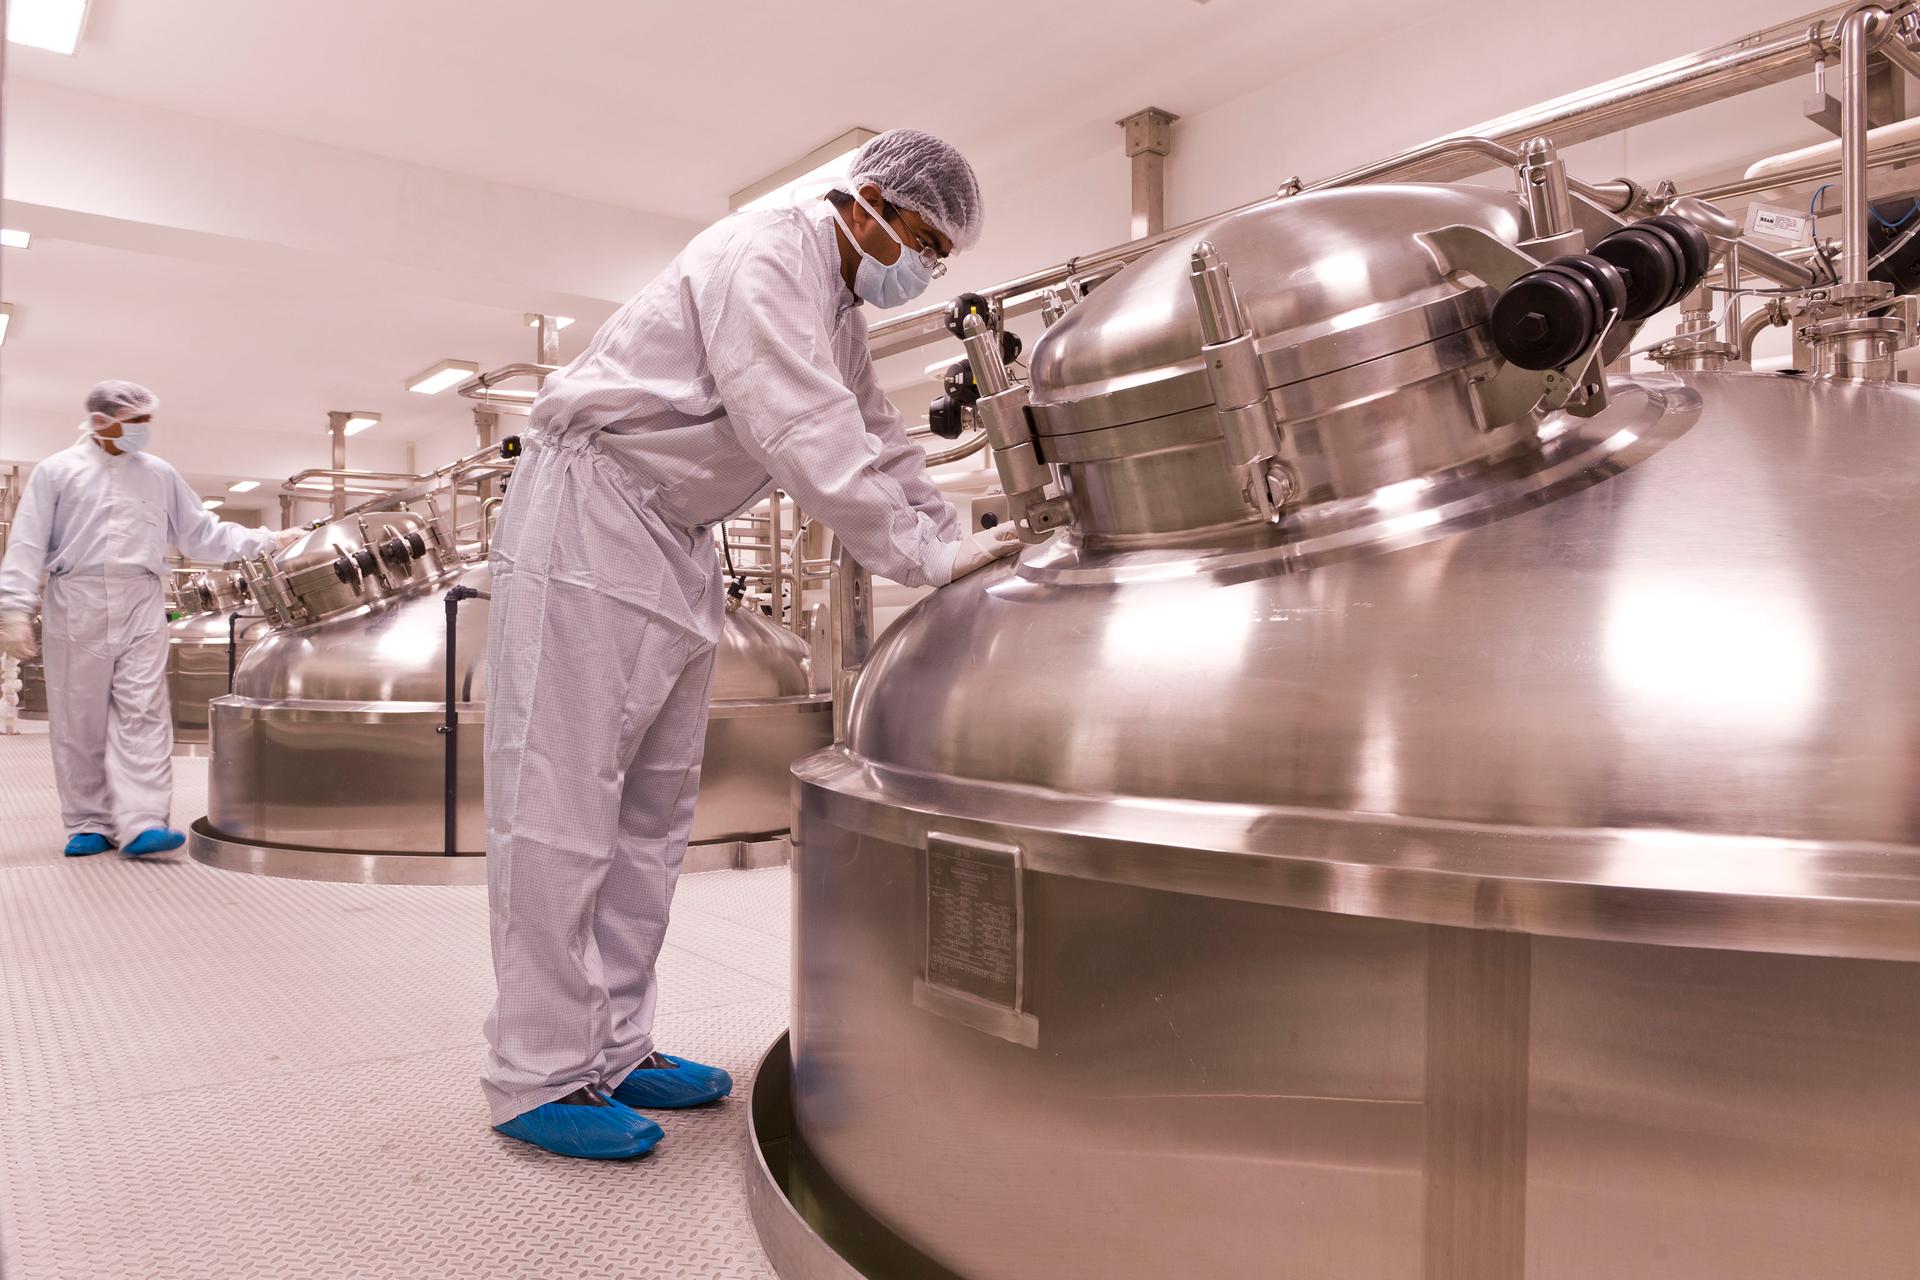 Fotografia przedstawia wnętrze zakładu, produkującego insulinę przy pomocy bakterii. Stoją olbrzymie metalowe kadzie, wktórych hoduje się odpowiednio zmodyfikowane mikroorganizmy. Przy kadziach ludzie wbiałych kombinezonach, ochraniaczach na buty, rękawiczkach imaseczkach.